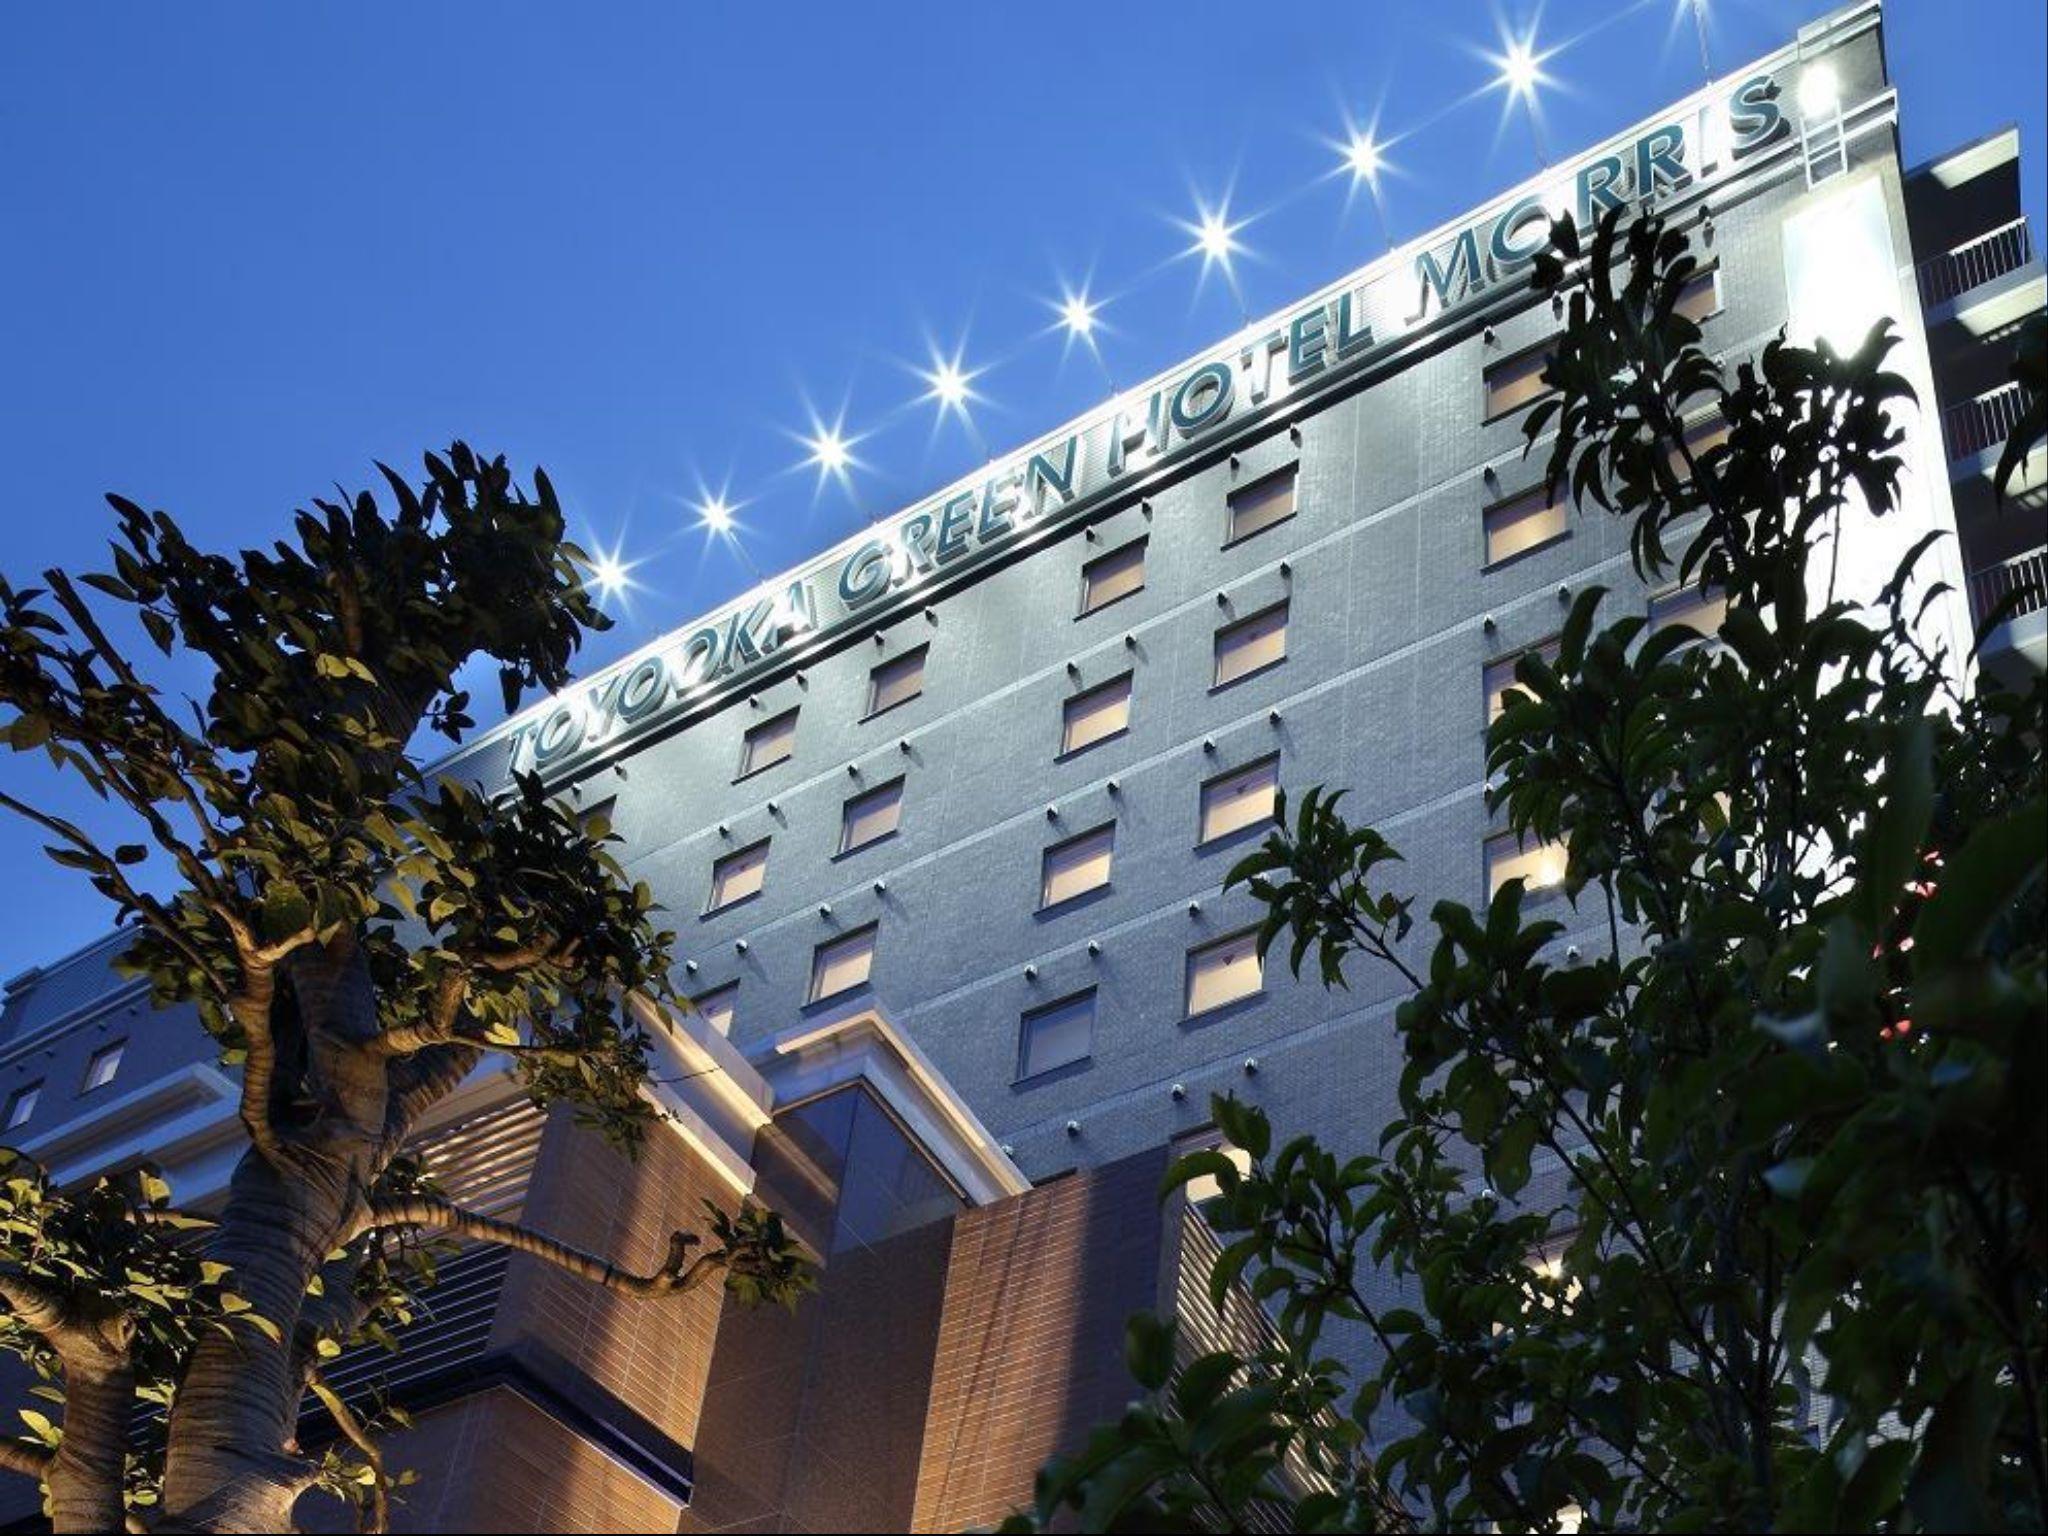 豐岡莫里斯綠色飯店(Toyooka